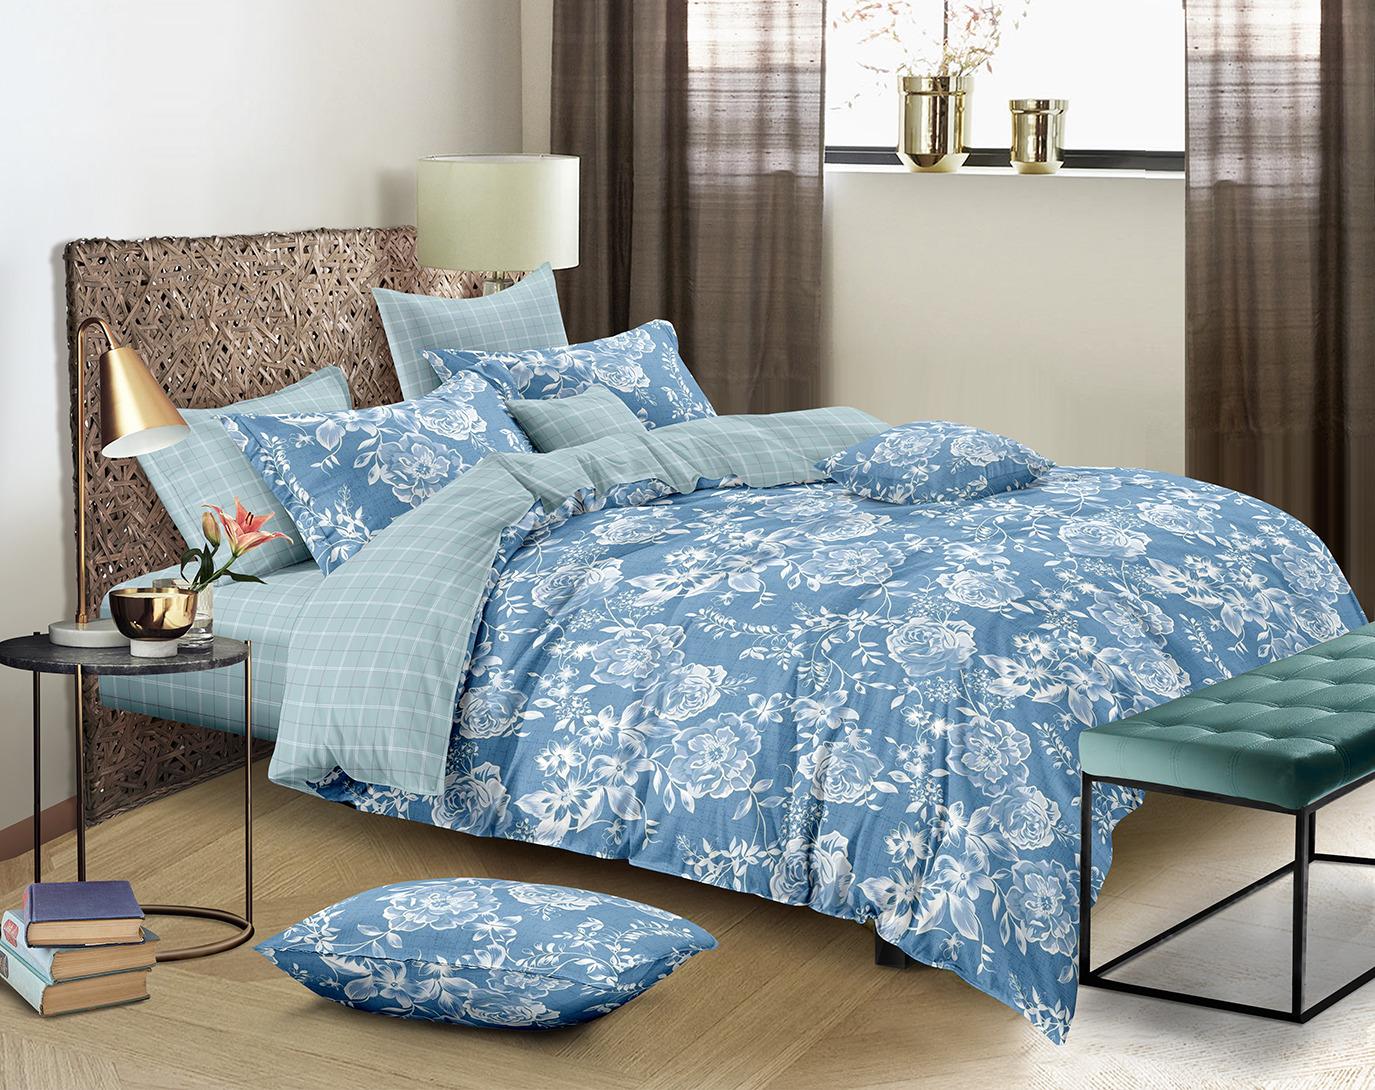 Комплект постельного белья Amore Mio Gold Lori, 7840, голубой, 1,5-спальный, наволочки 70x70